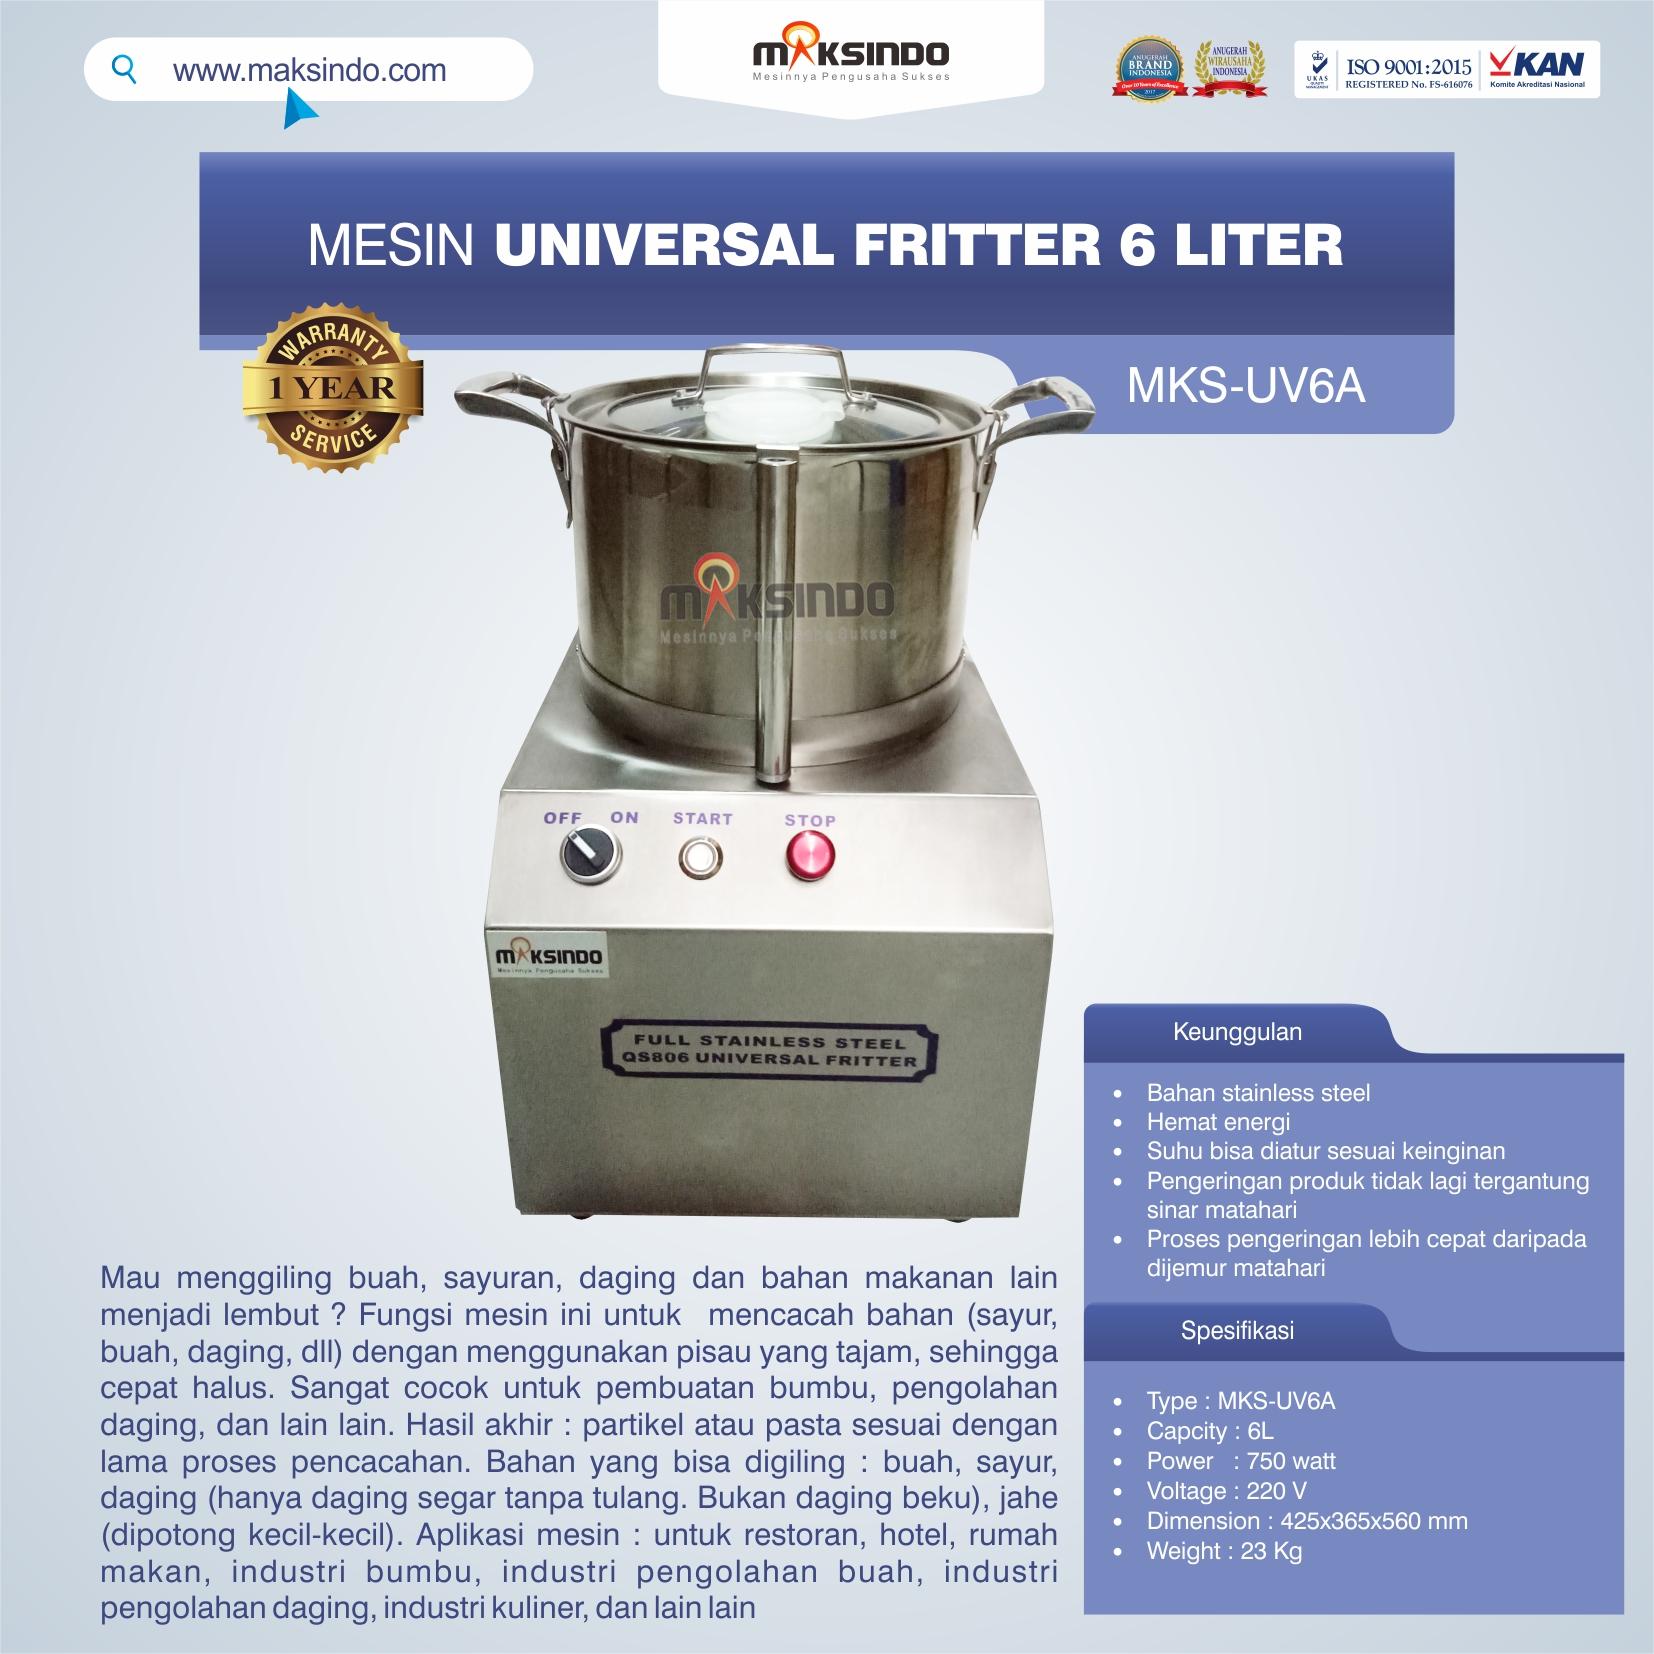 Jual Universal Fritter 6 Liter (MKS-UV6A) di Bogor